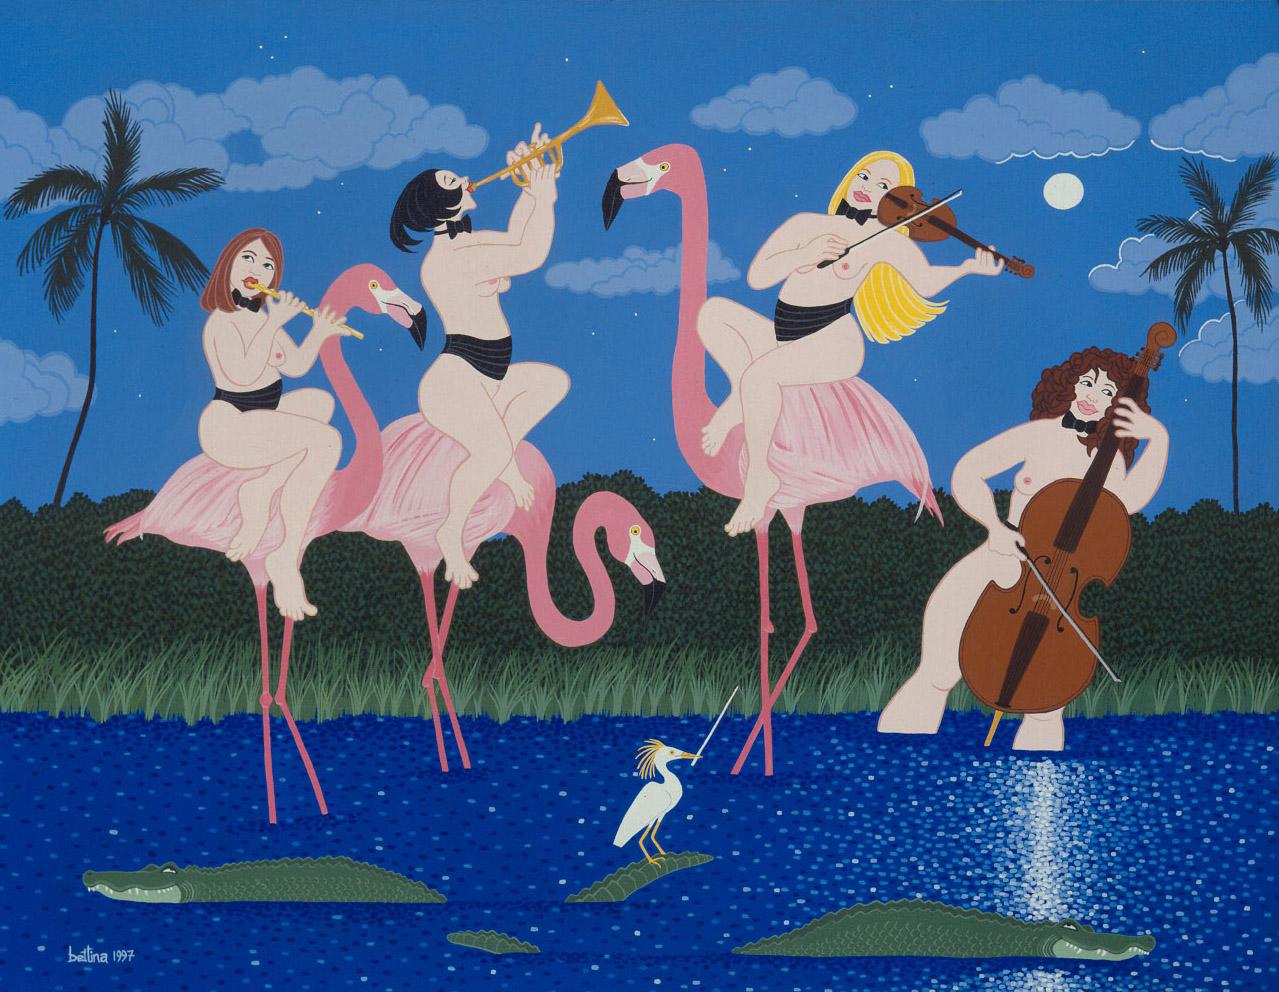 Flamingo Philharmonic